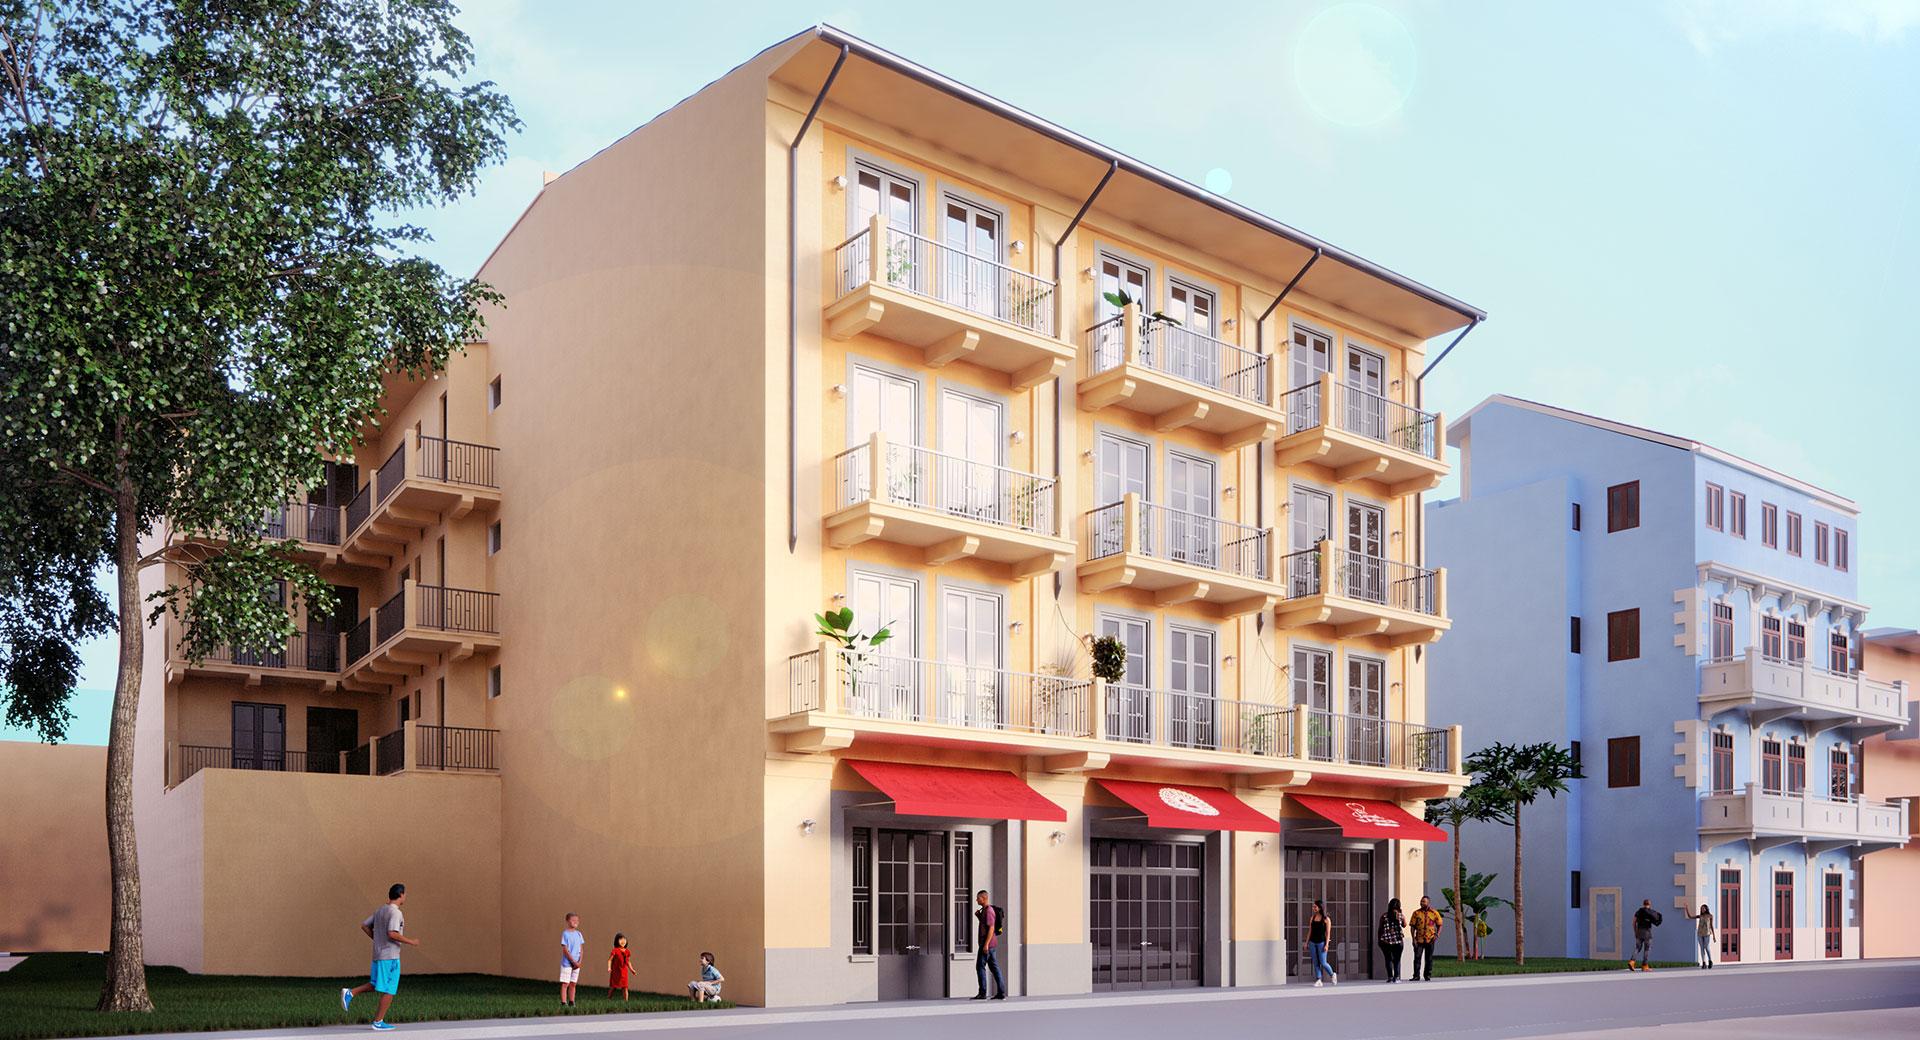 Casa-Balcones-01-1